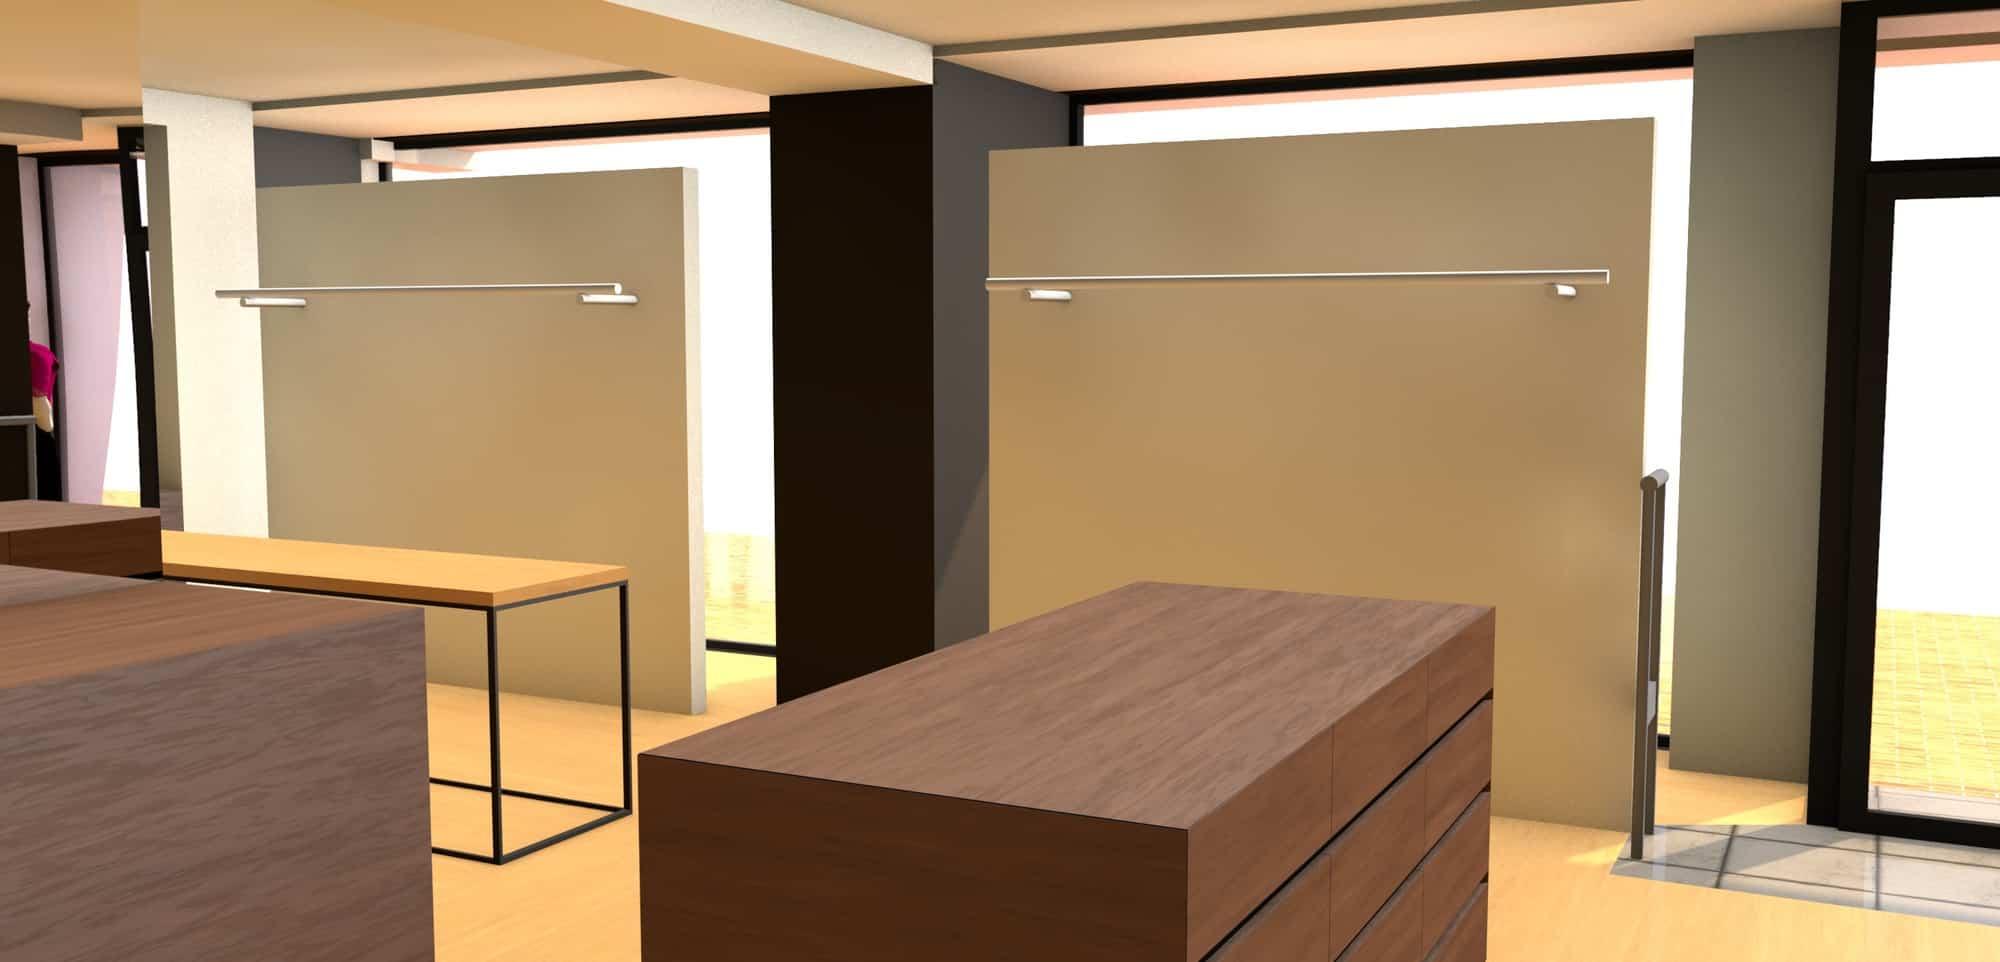 Detail afbeelding 5 van Elegance Lingerie Genk | Ontwerp door architect Patrick Strackx